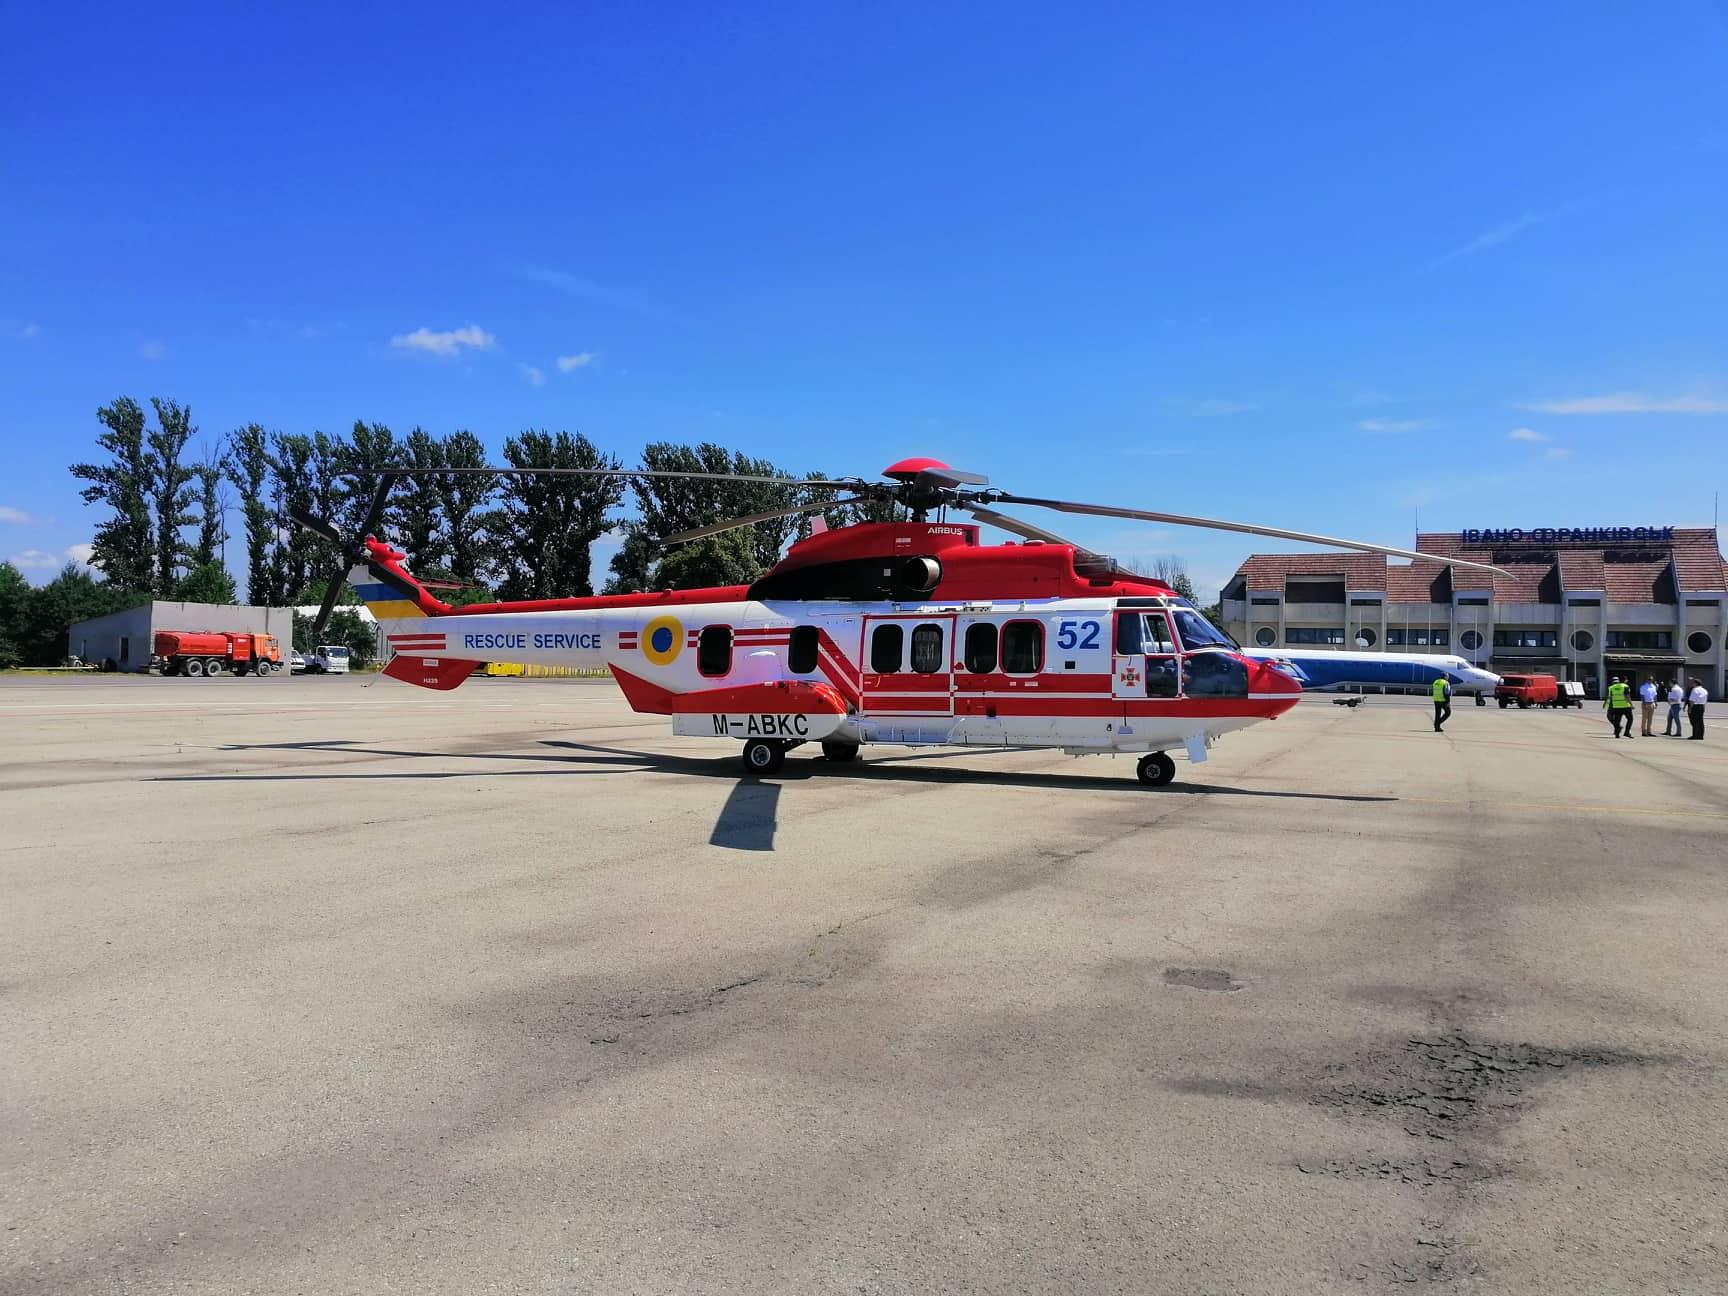 У Франківську приземлився новий гелікоптер для українських рятувальників (ФОТО)